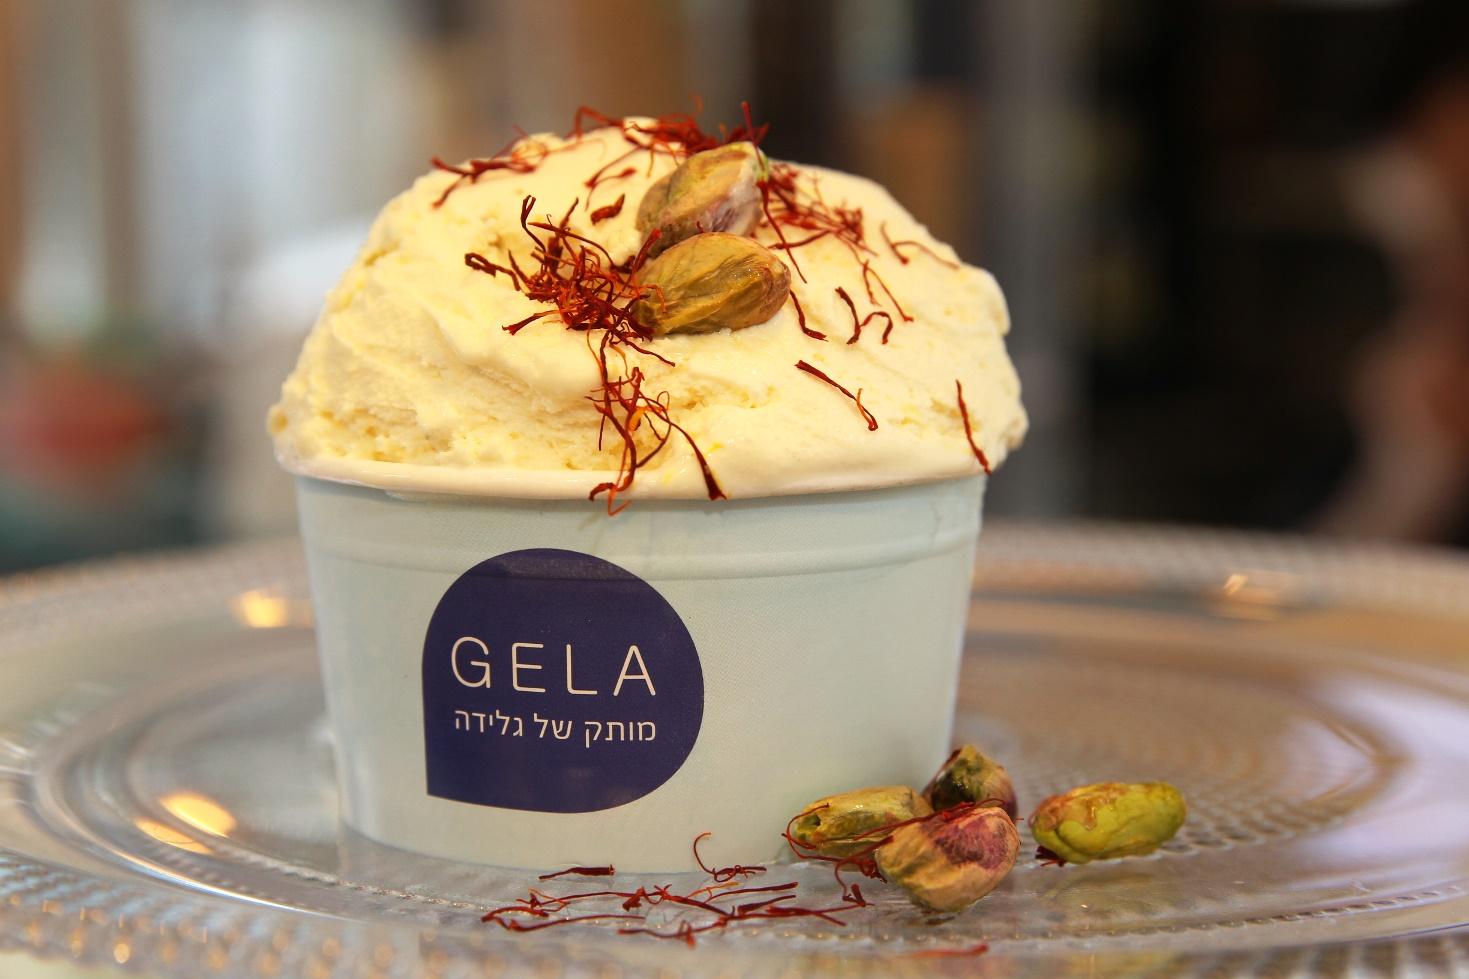 גלידה הודית טבעונית של רשת ג'לה